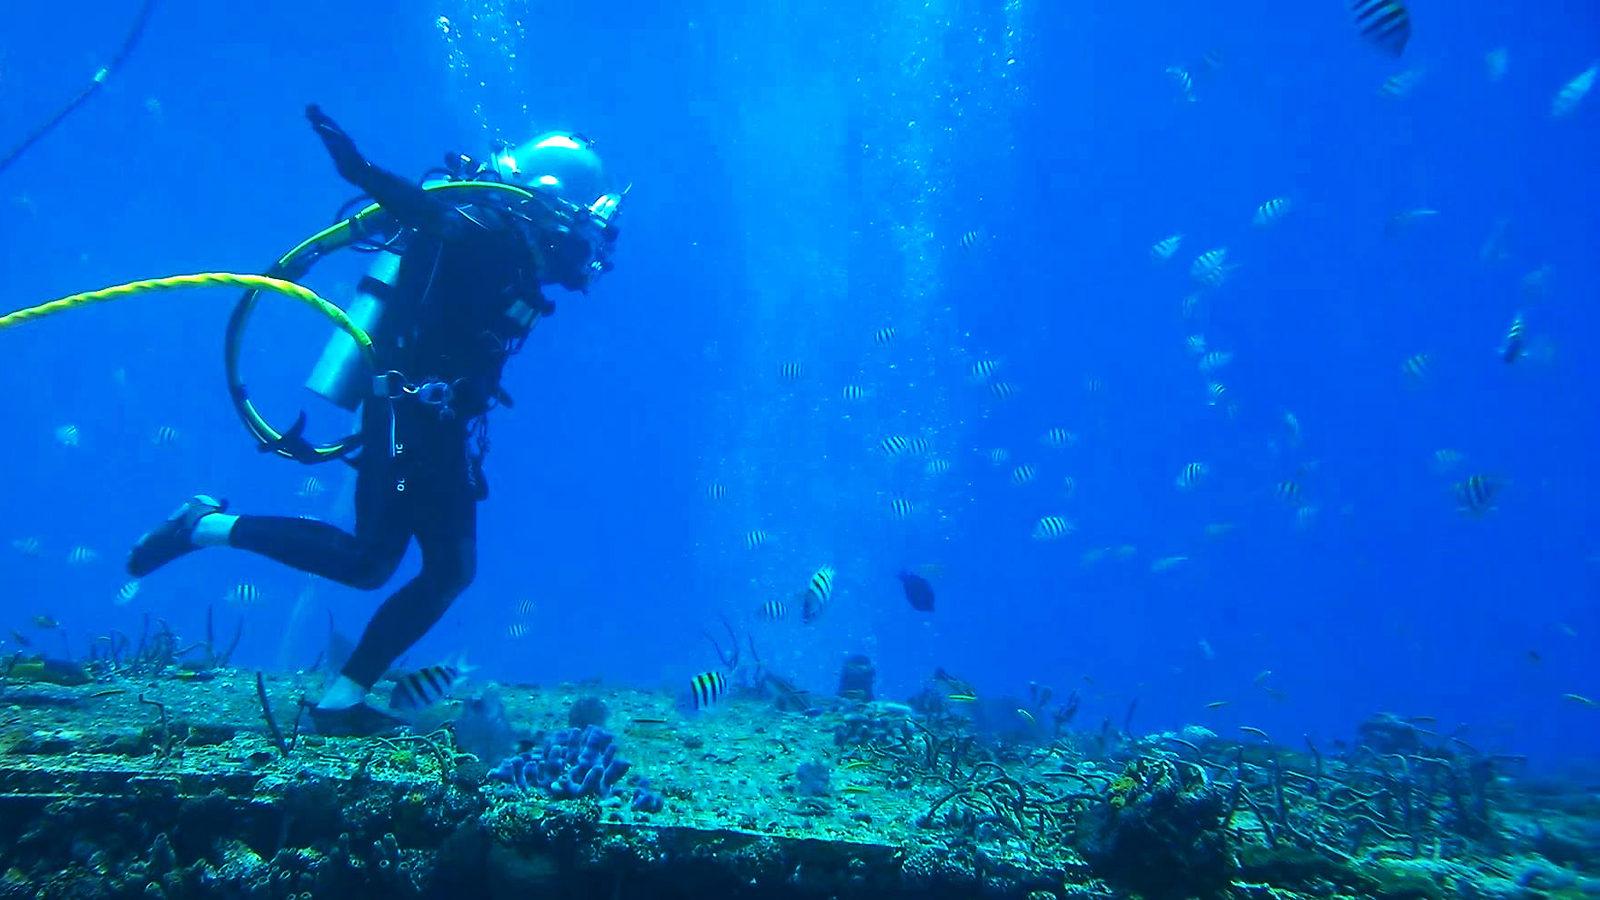 Grace Young walking on the ocean floor